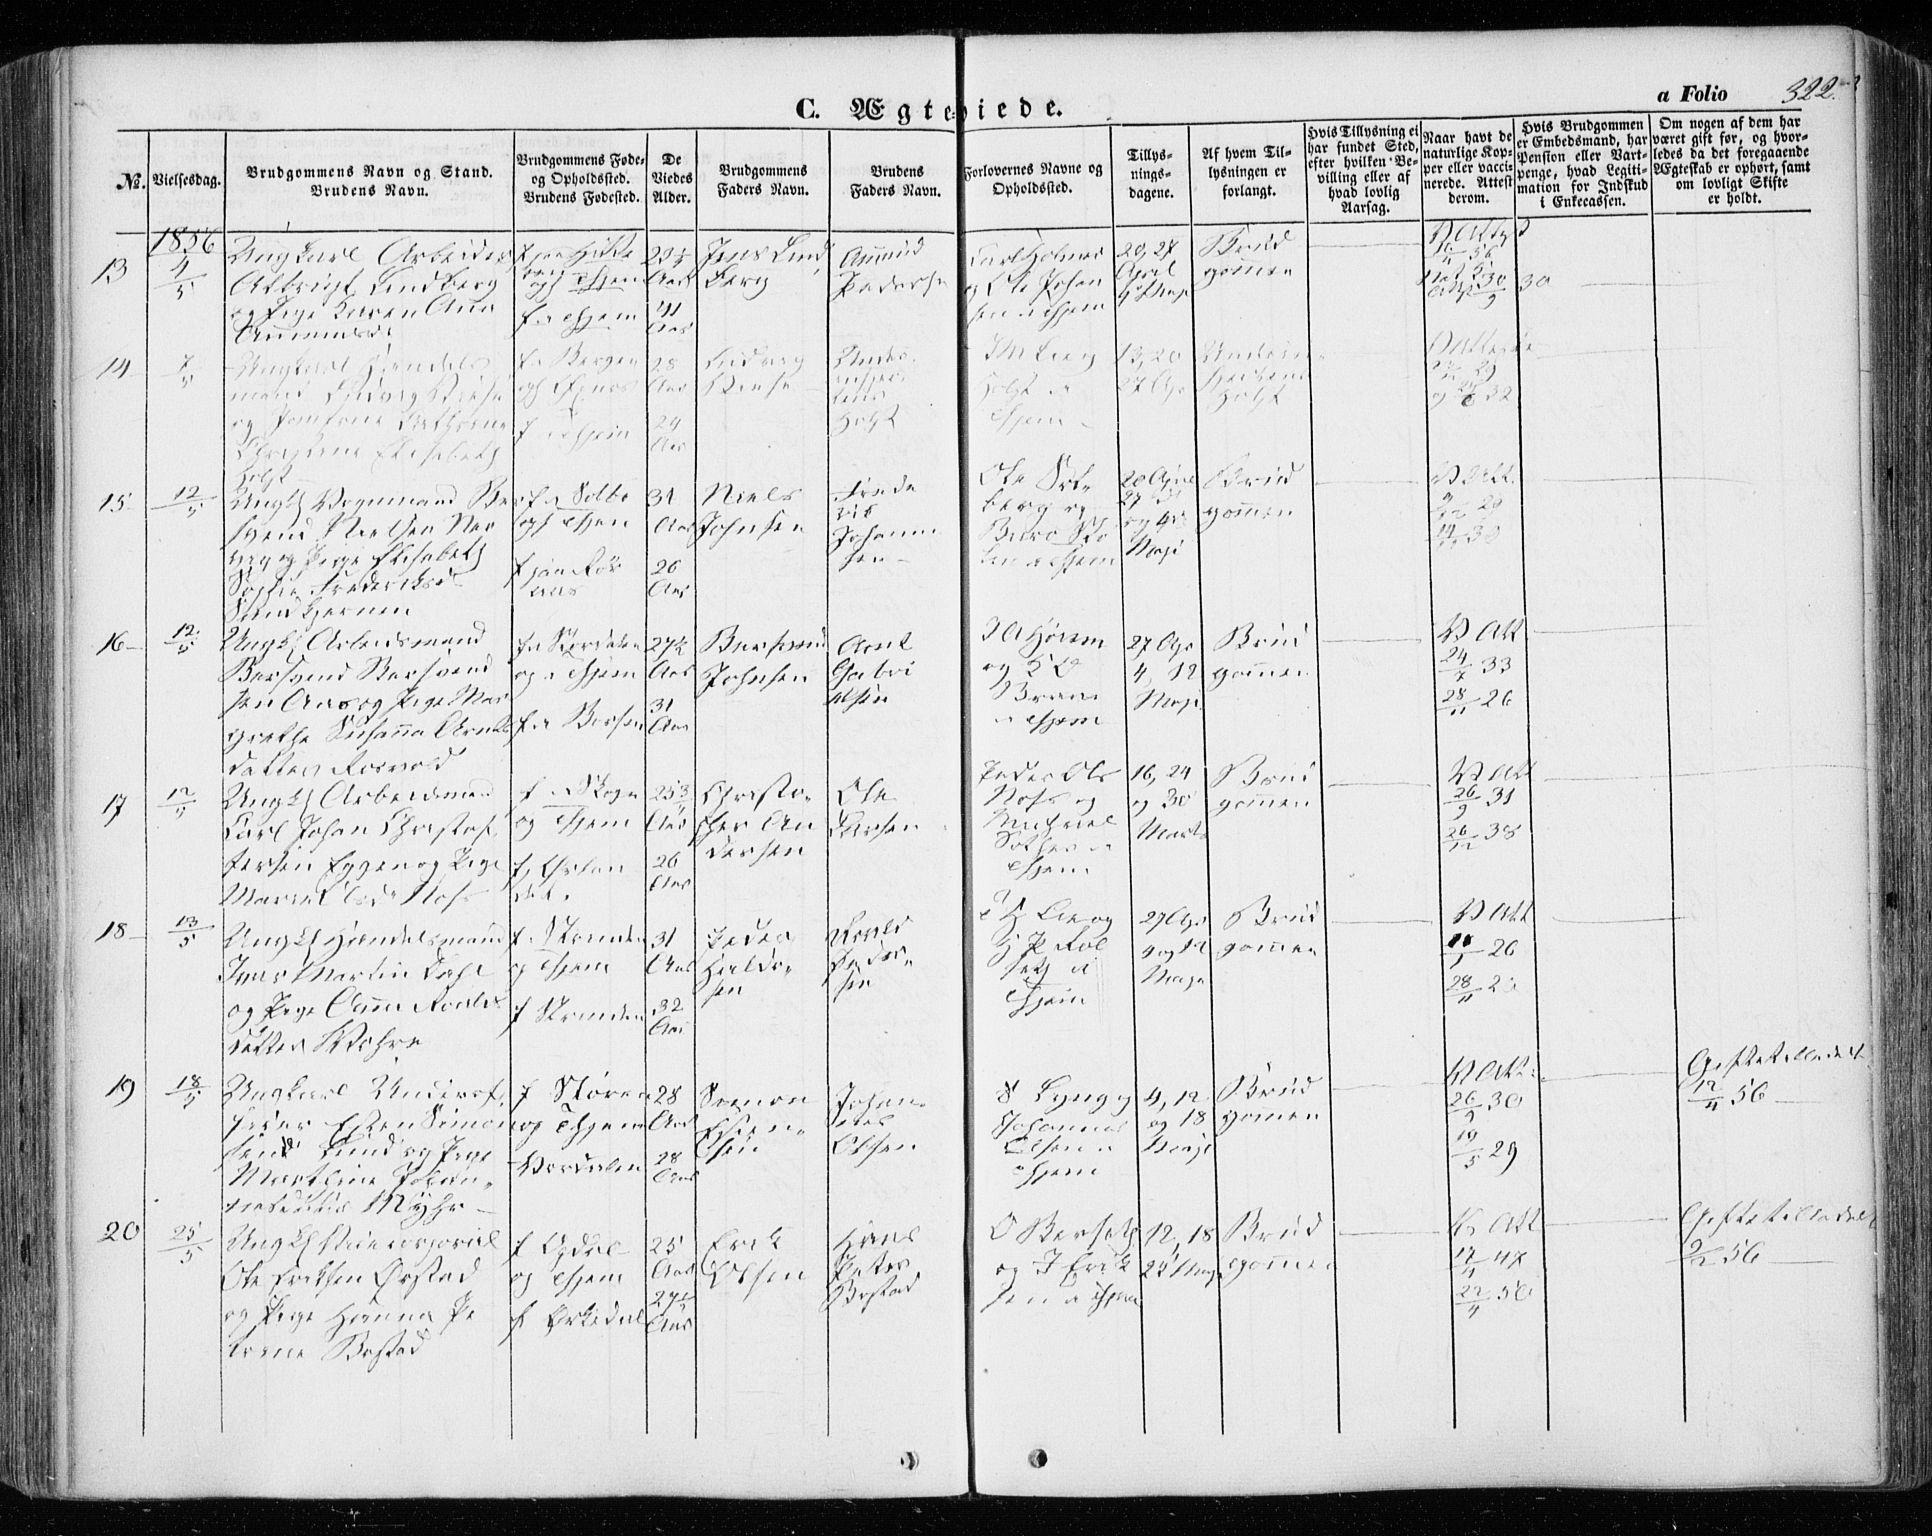 SAT, Ministerialprotokoller, klokkerbøker og fødselsregistre - Sør-Trøndelag, 601/L0051: Ministerialbok nr. 601A19, 1848-1857, s. 322